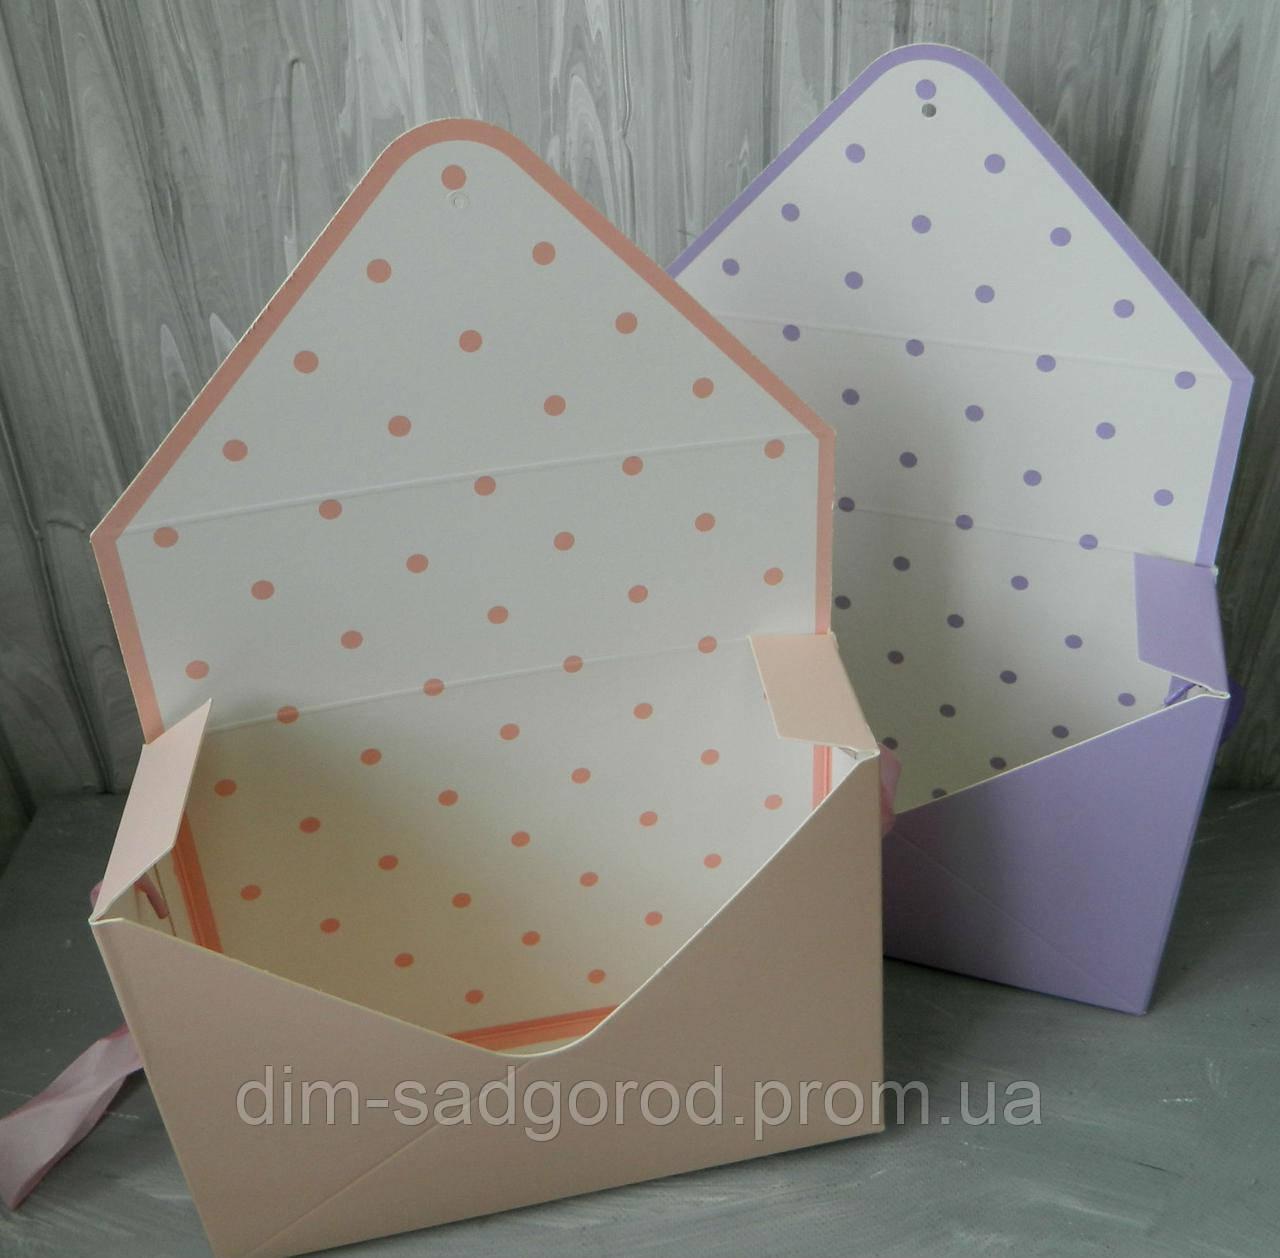 Подарункова коробка-конверт для квітів 21365-7-8, 23*36*8 см Подарочная коробка